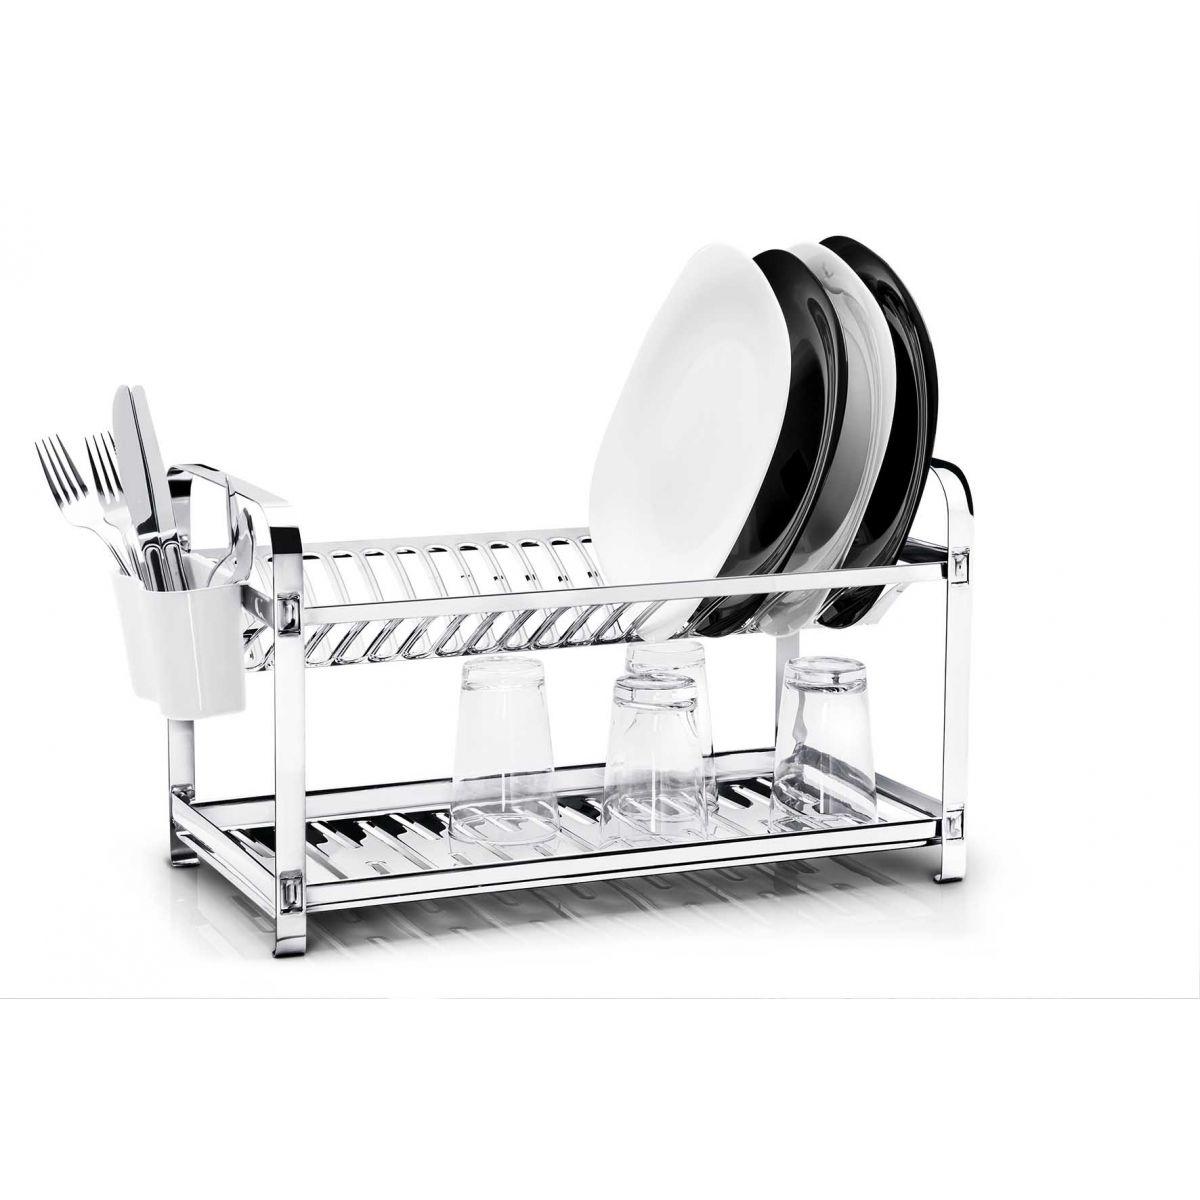 Escorredor  20 pratos Montado Inox com Porta Talheres em Plástico Mak-Inox